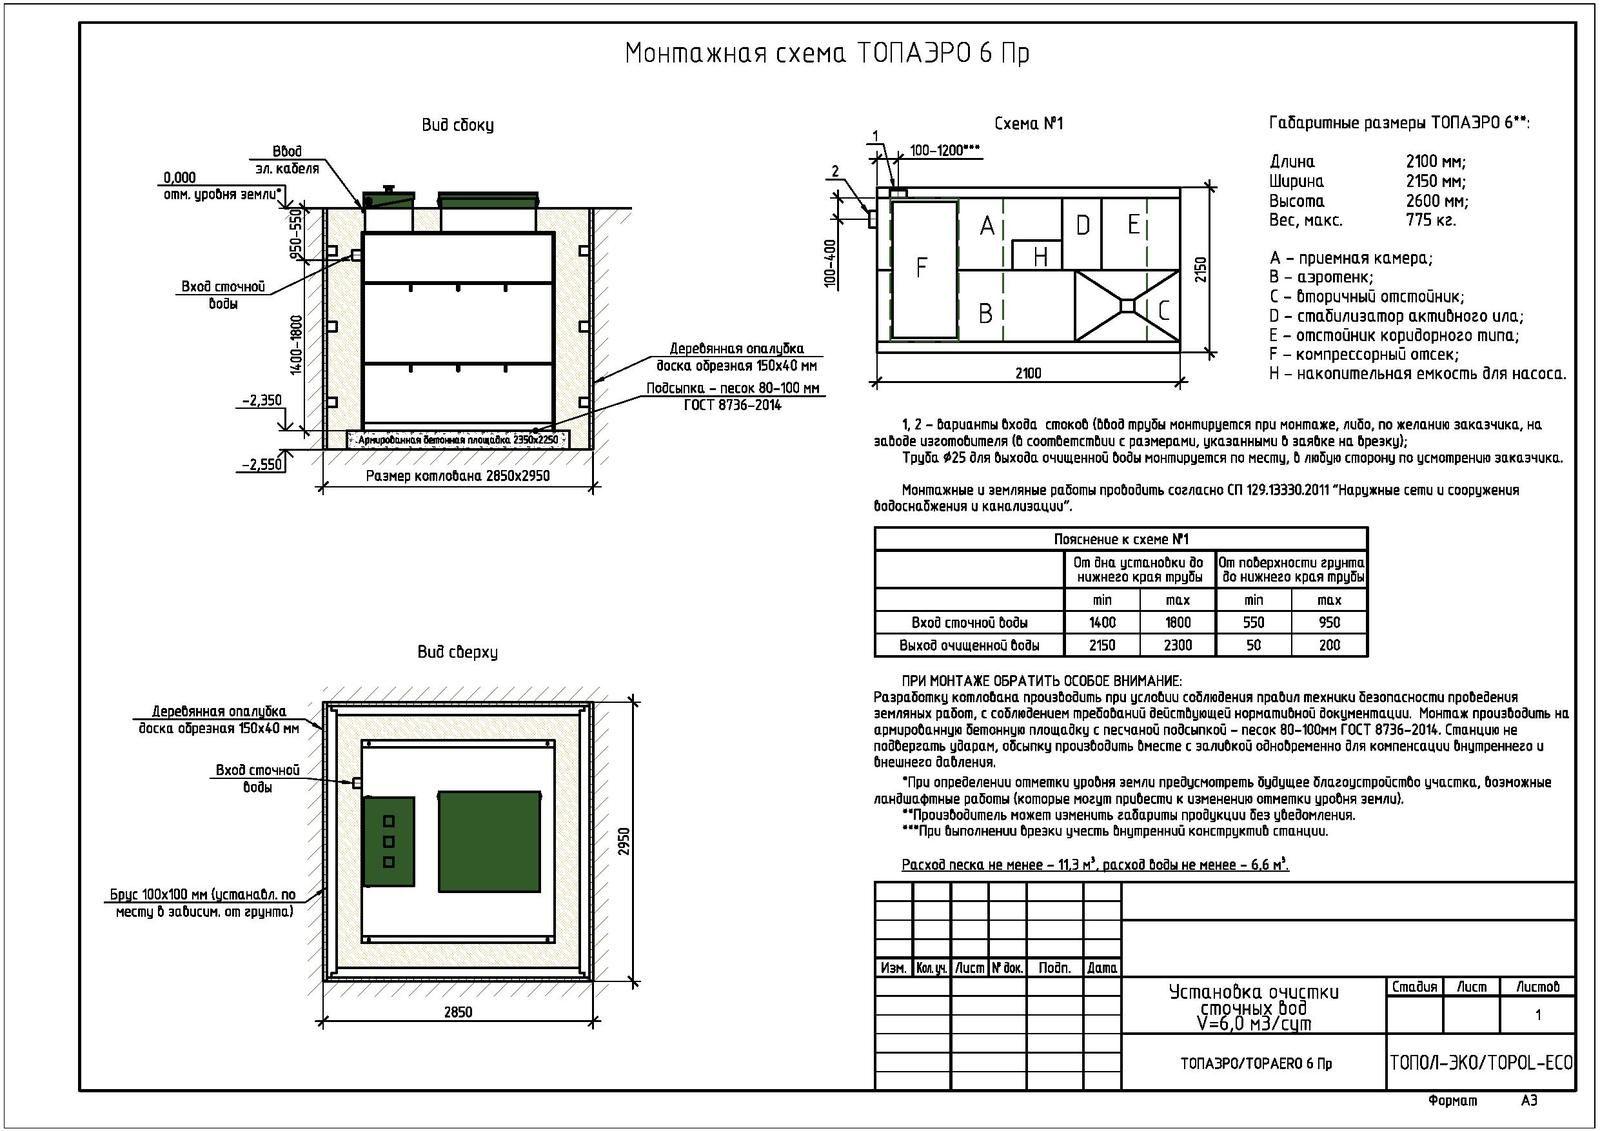 Монтажная схема септика Топаэро 6 ПР